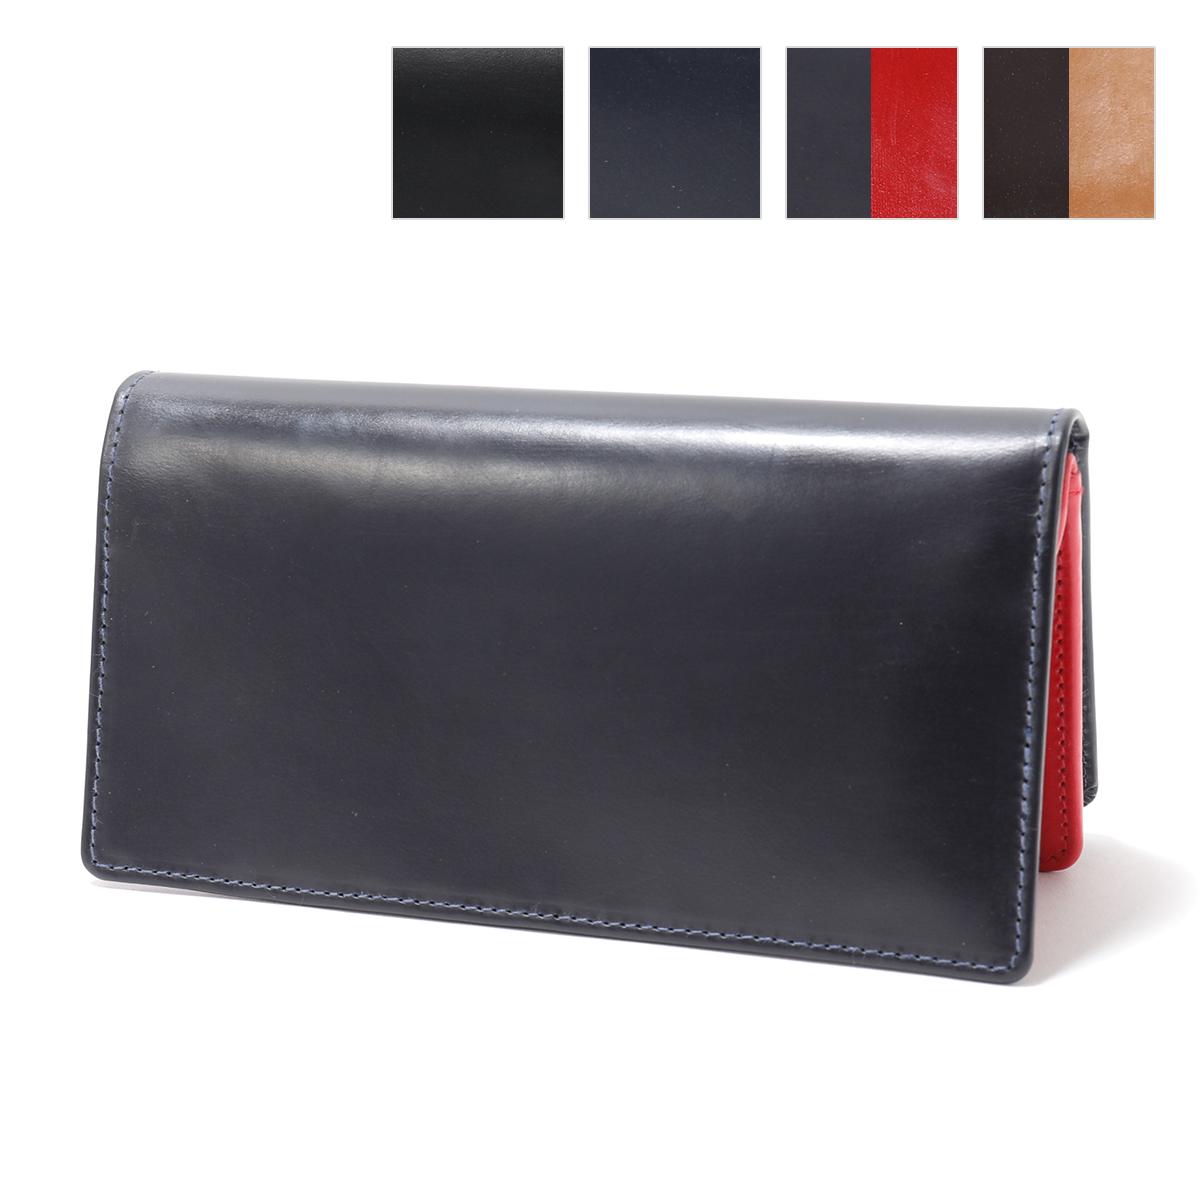 WhitehouseCox ホワイトハウスコックス S8819 BRIDLE ブライドルレザー 二つ折り長財布 カラー4色 メンズ